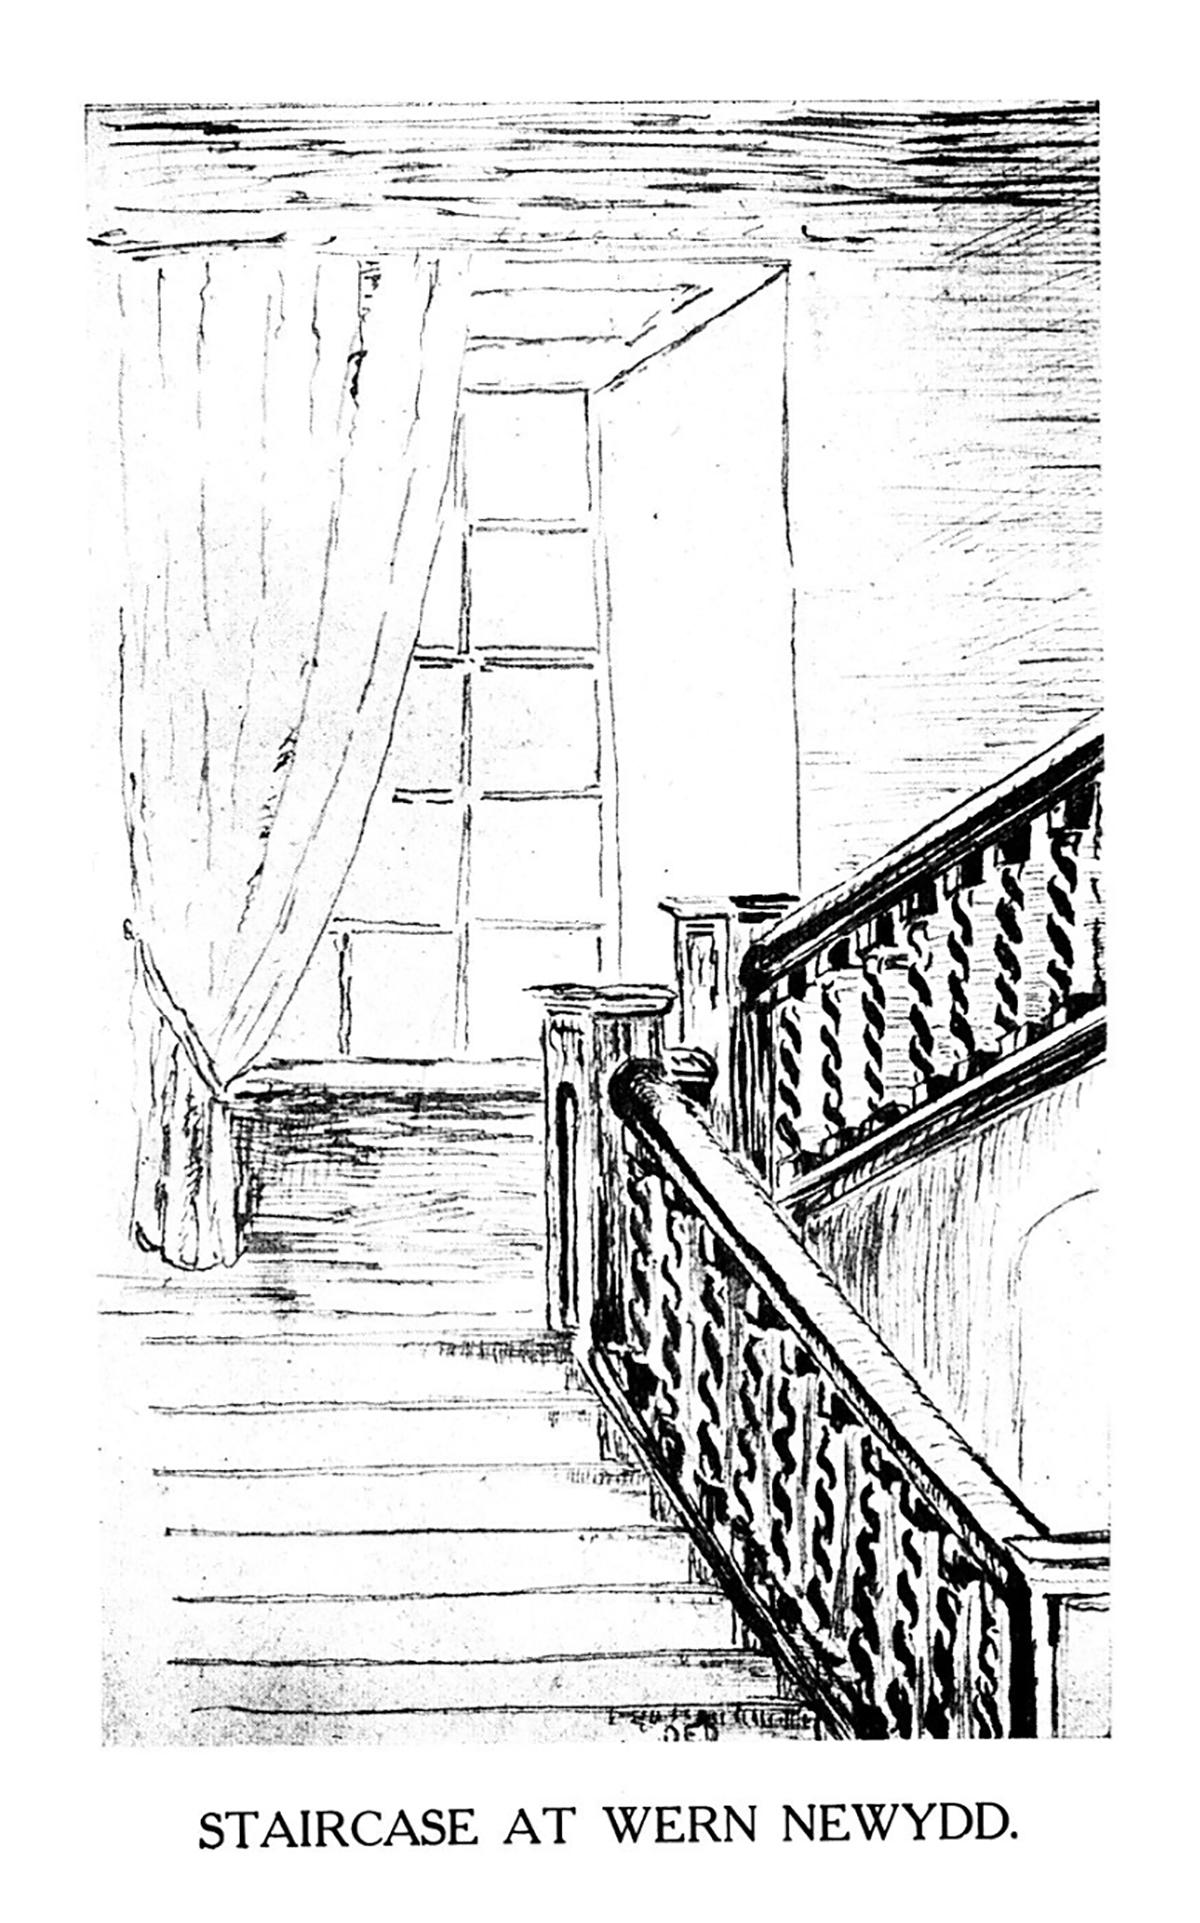 Staircase at Wern Newydd, Llanarth, Ceredigion